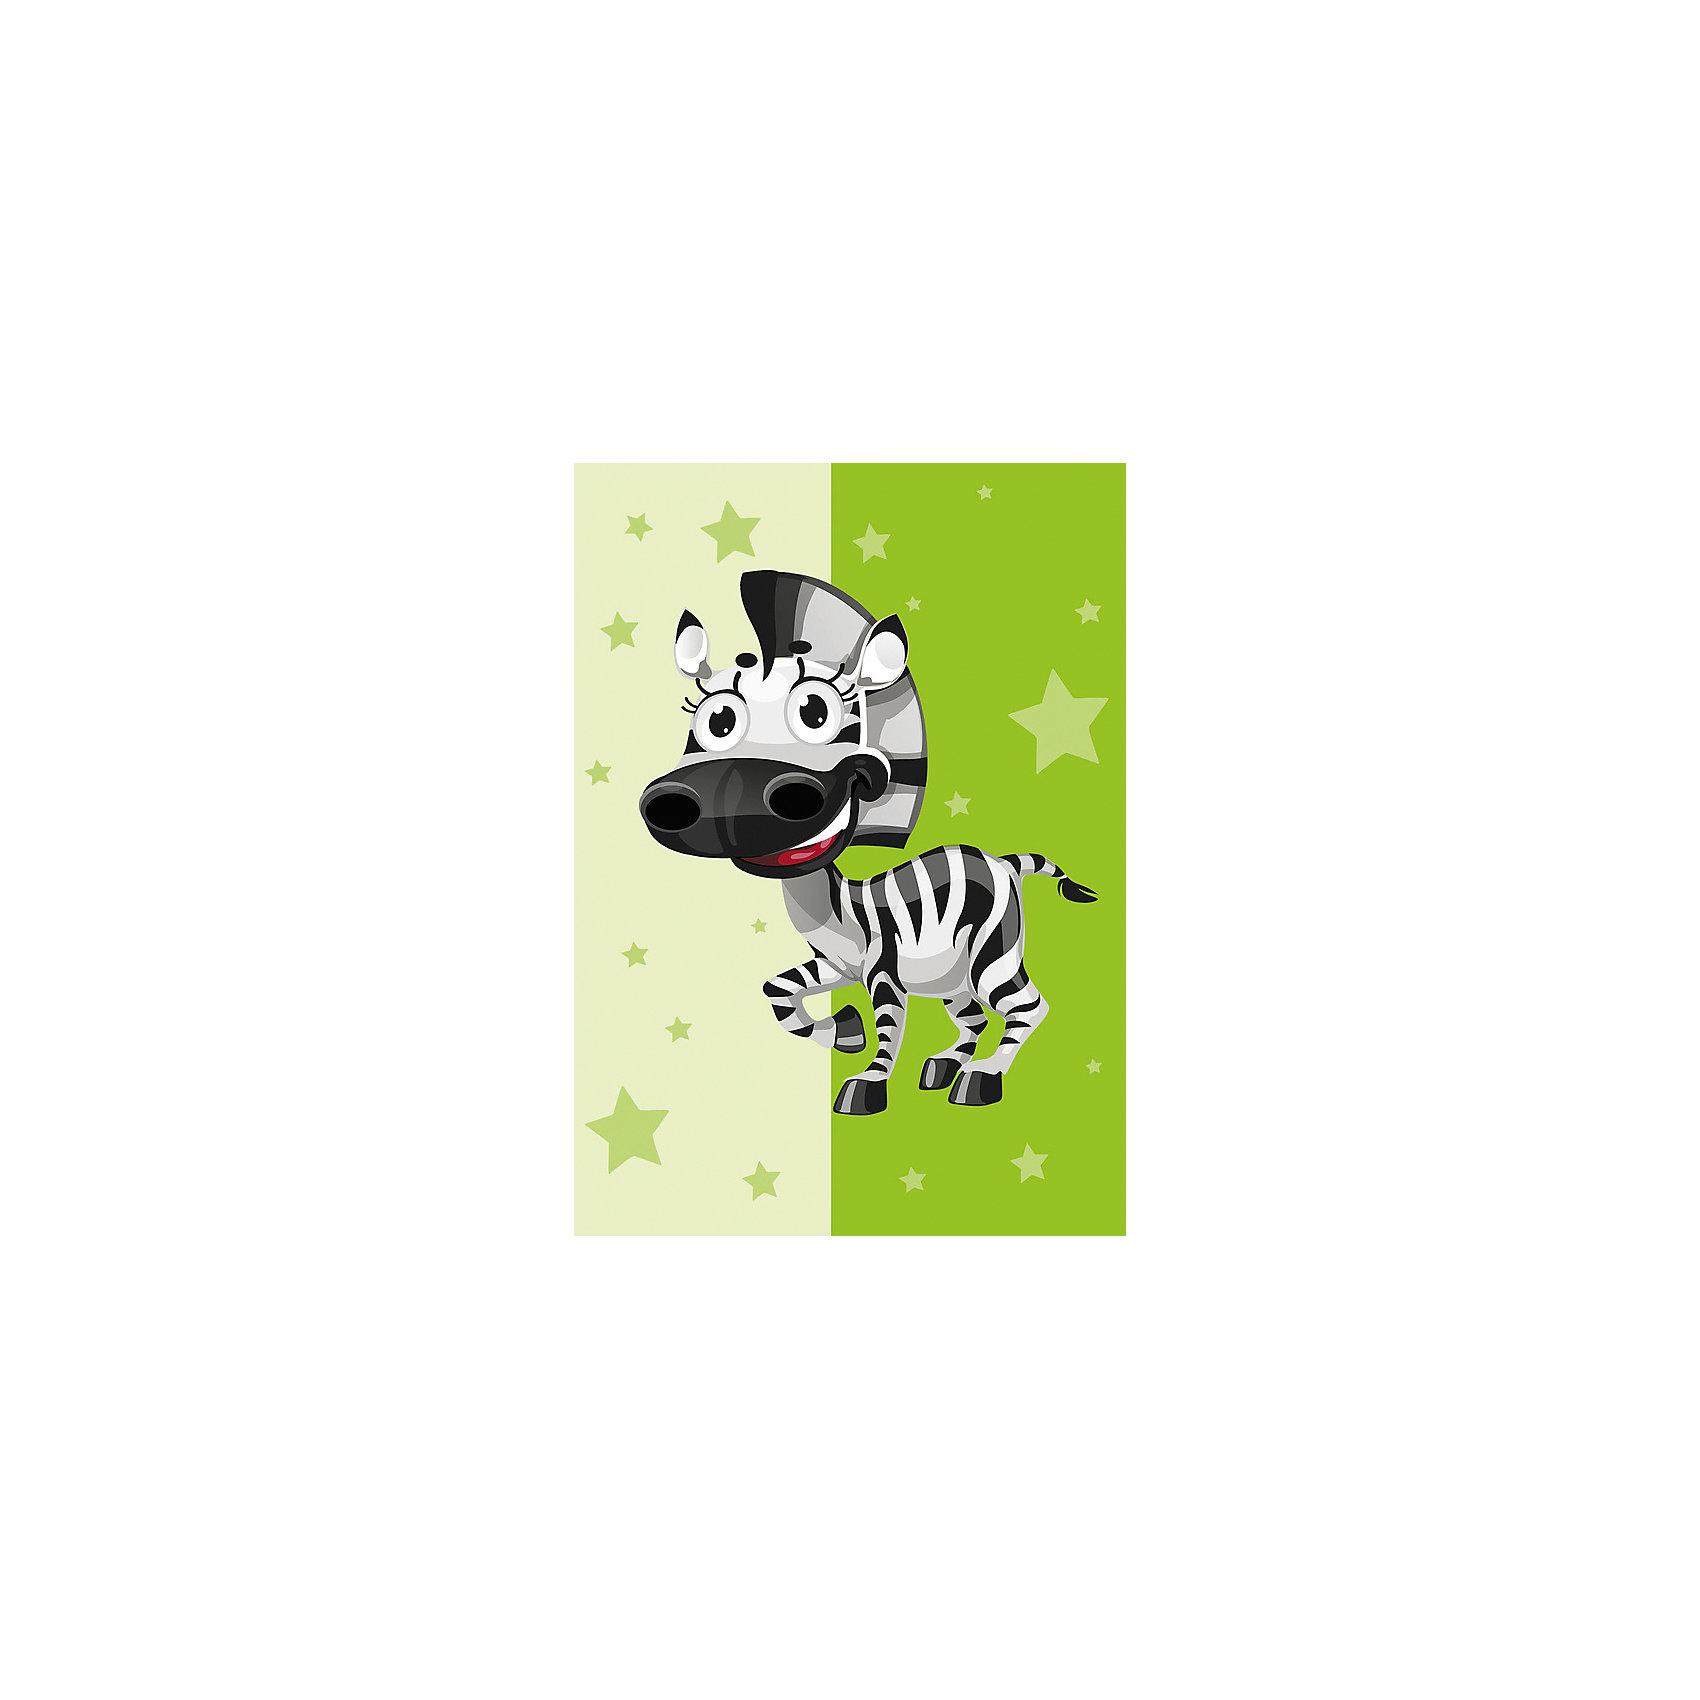 Фотообои Зебрик (2,00*2,8), DECOCODEПредметы интерьера<br>Характеристики:<br><br>• Предназначение: декор комнаты<br>• Тематика: Здесь живут чудеса<br>• Материал: флизелин, винил<br>• Фактура: вельвет<br>• Размер полотна (Ш*Д): 200*280 см <br>• Устойчивы к выцветанию и истиранию<br>• Допускается влажная чистка<br>• Размеры (Д*Ш*В): 15*9,5*130 см<br>• Вес: 1 кг 640 г<br><br>Обои изготовлены на флизелиновой основе с имитацией вельветовой поверхности, за счет чего им придается повышенная устойчивость к повреждениям, истиранию и изменению цвета. Все материалы, использованные в производстве, соответствуют международным стандартам безопасности.<br><br>Фотообои Зебрик (2,00*2,8), DECOCODE выполнены на флизелиновой основе с виниловой поверхностью, благодаря чему при высыхании клея они не дают усадки и не собираются. На панно изображена веселая зебра в окружении звезд. Общий размер декоративного полотна составляет 2*2,8 м. <br><br>Фотообои Зебрик (2,00*2,8), DECOCODE можно купить в нашем интернет-магазине.<br><br>Ширина мм: 150<br>Глубина мм: 95<br>Высота мм: 1300<br>Вес г: 1640<br>Возраст от месяцев: 0<br>Возраст до месяцев: 1188<br>Пол: Унисекс<br>Возраст: Детский<br>SKU: 5513070